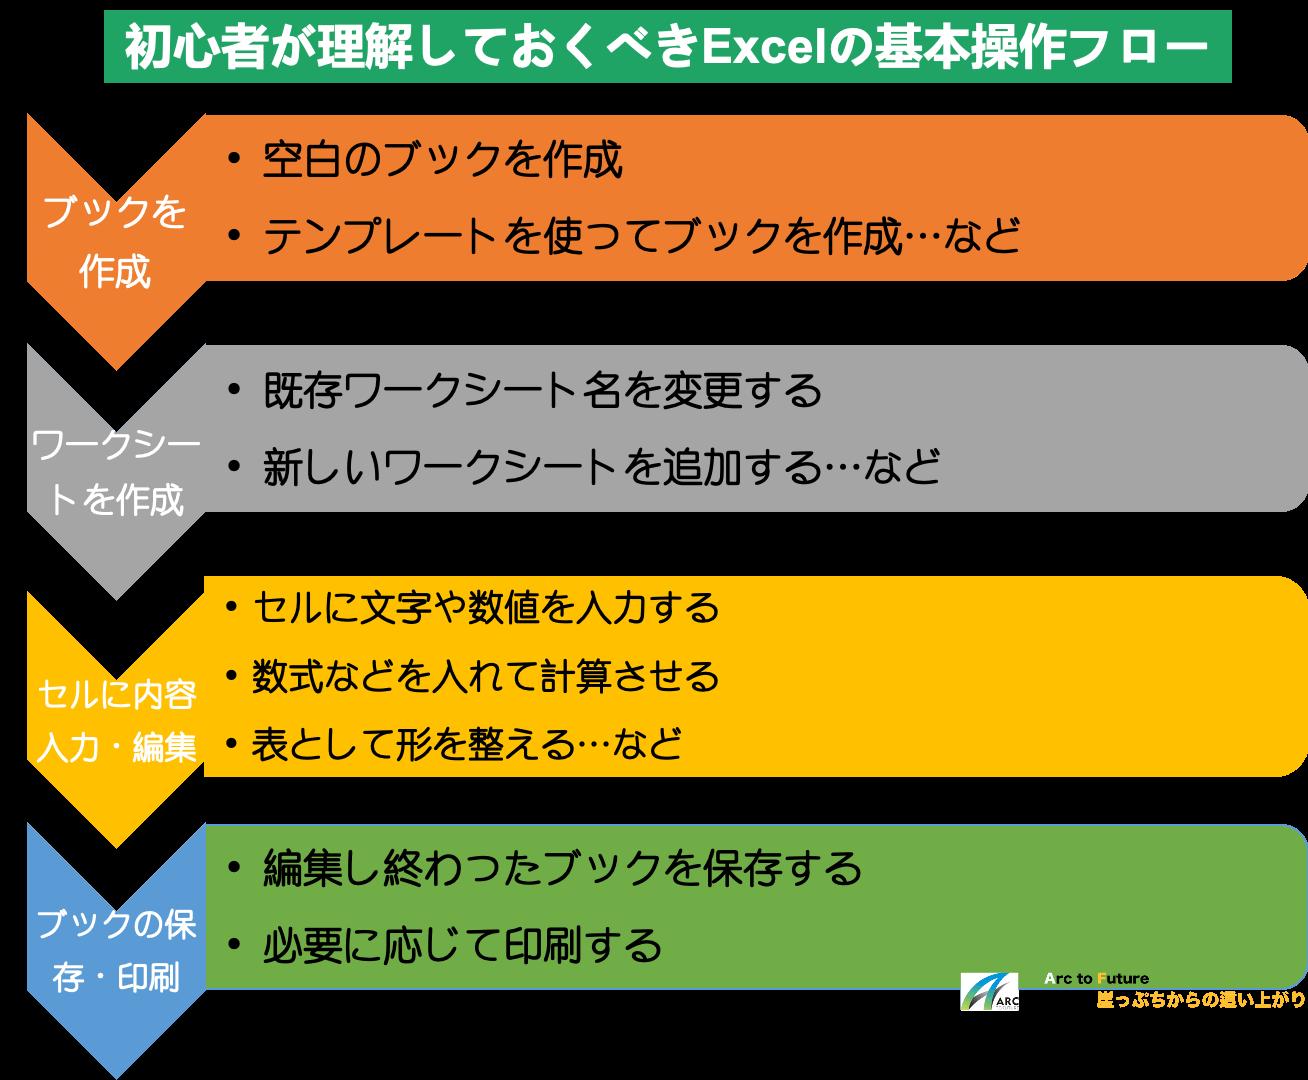 初心者が理解しておくべきExcelの基本操作フロー:ブックの作成→ワークシートの作成→セルの編集→ブックの保存・印刷